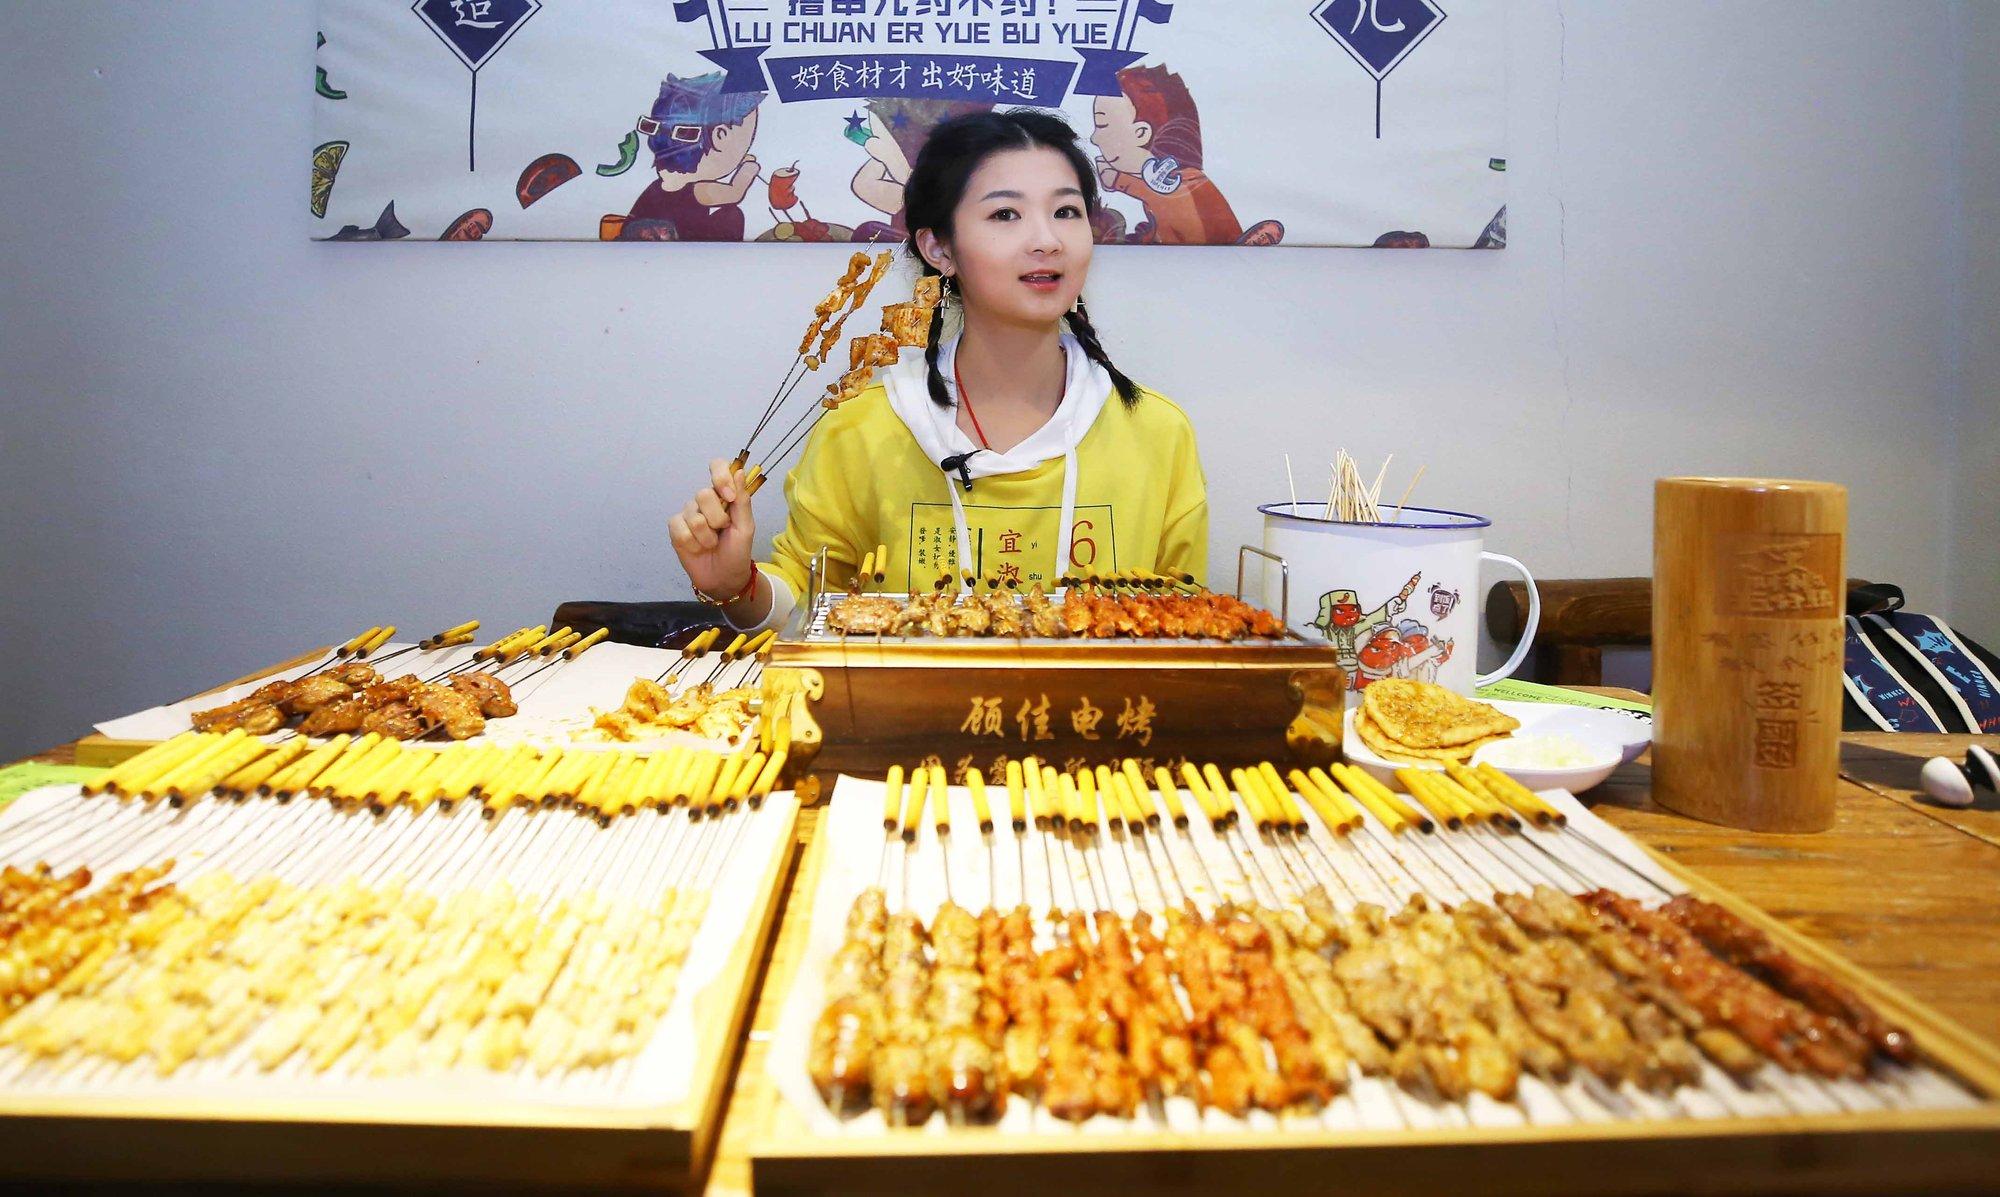 45公斤美女大胃王:月入过万只够吃饭